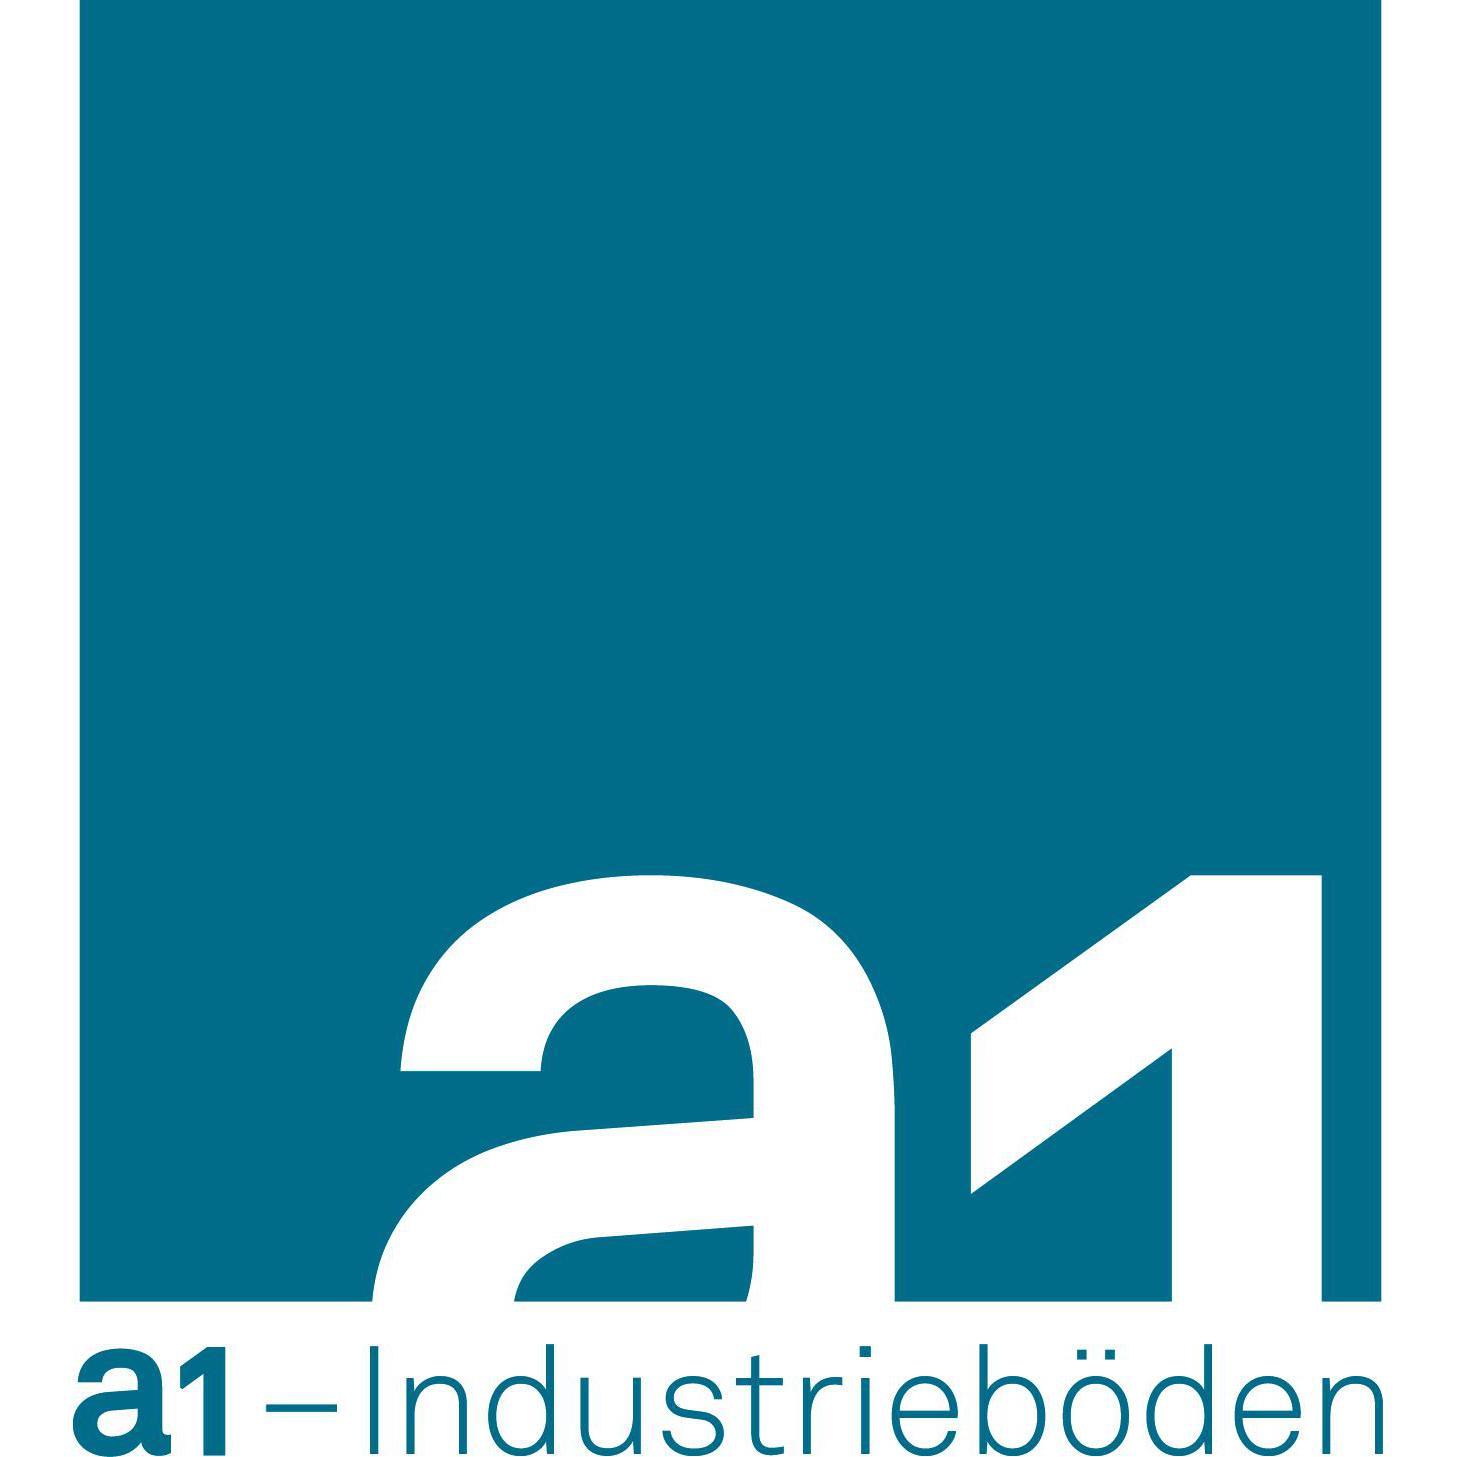 a1 - Industrieböden AG